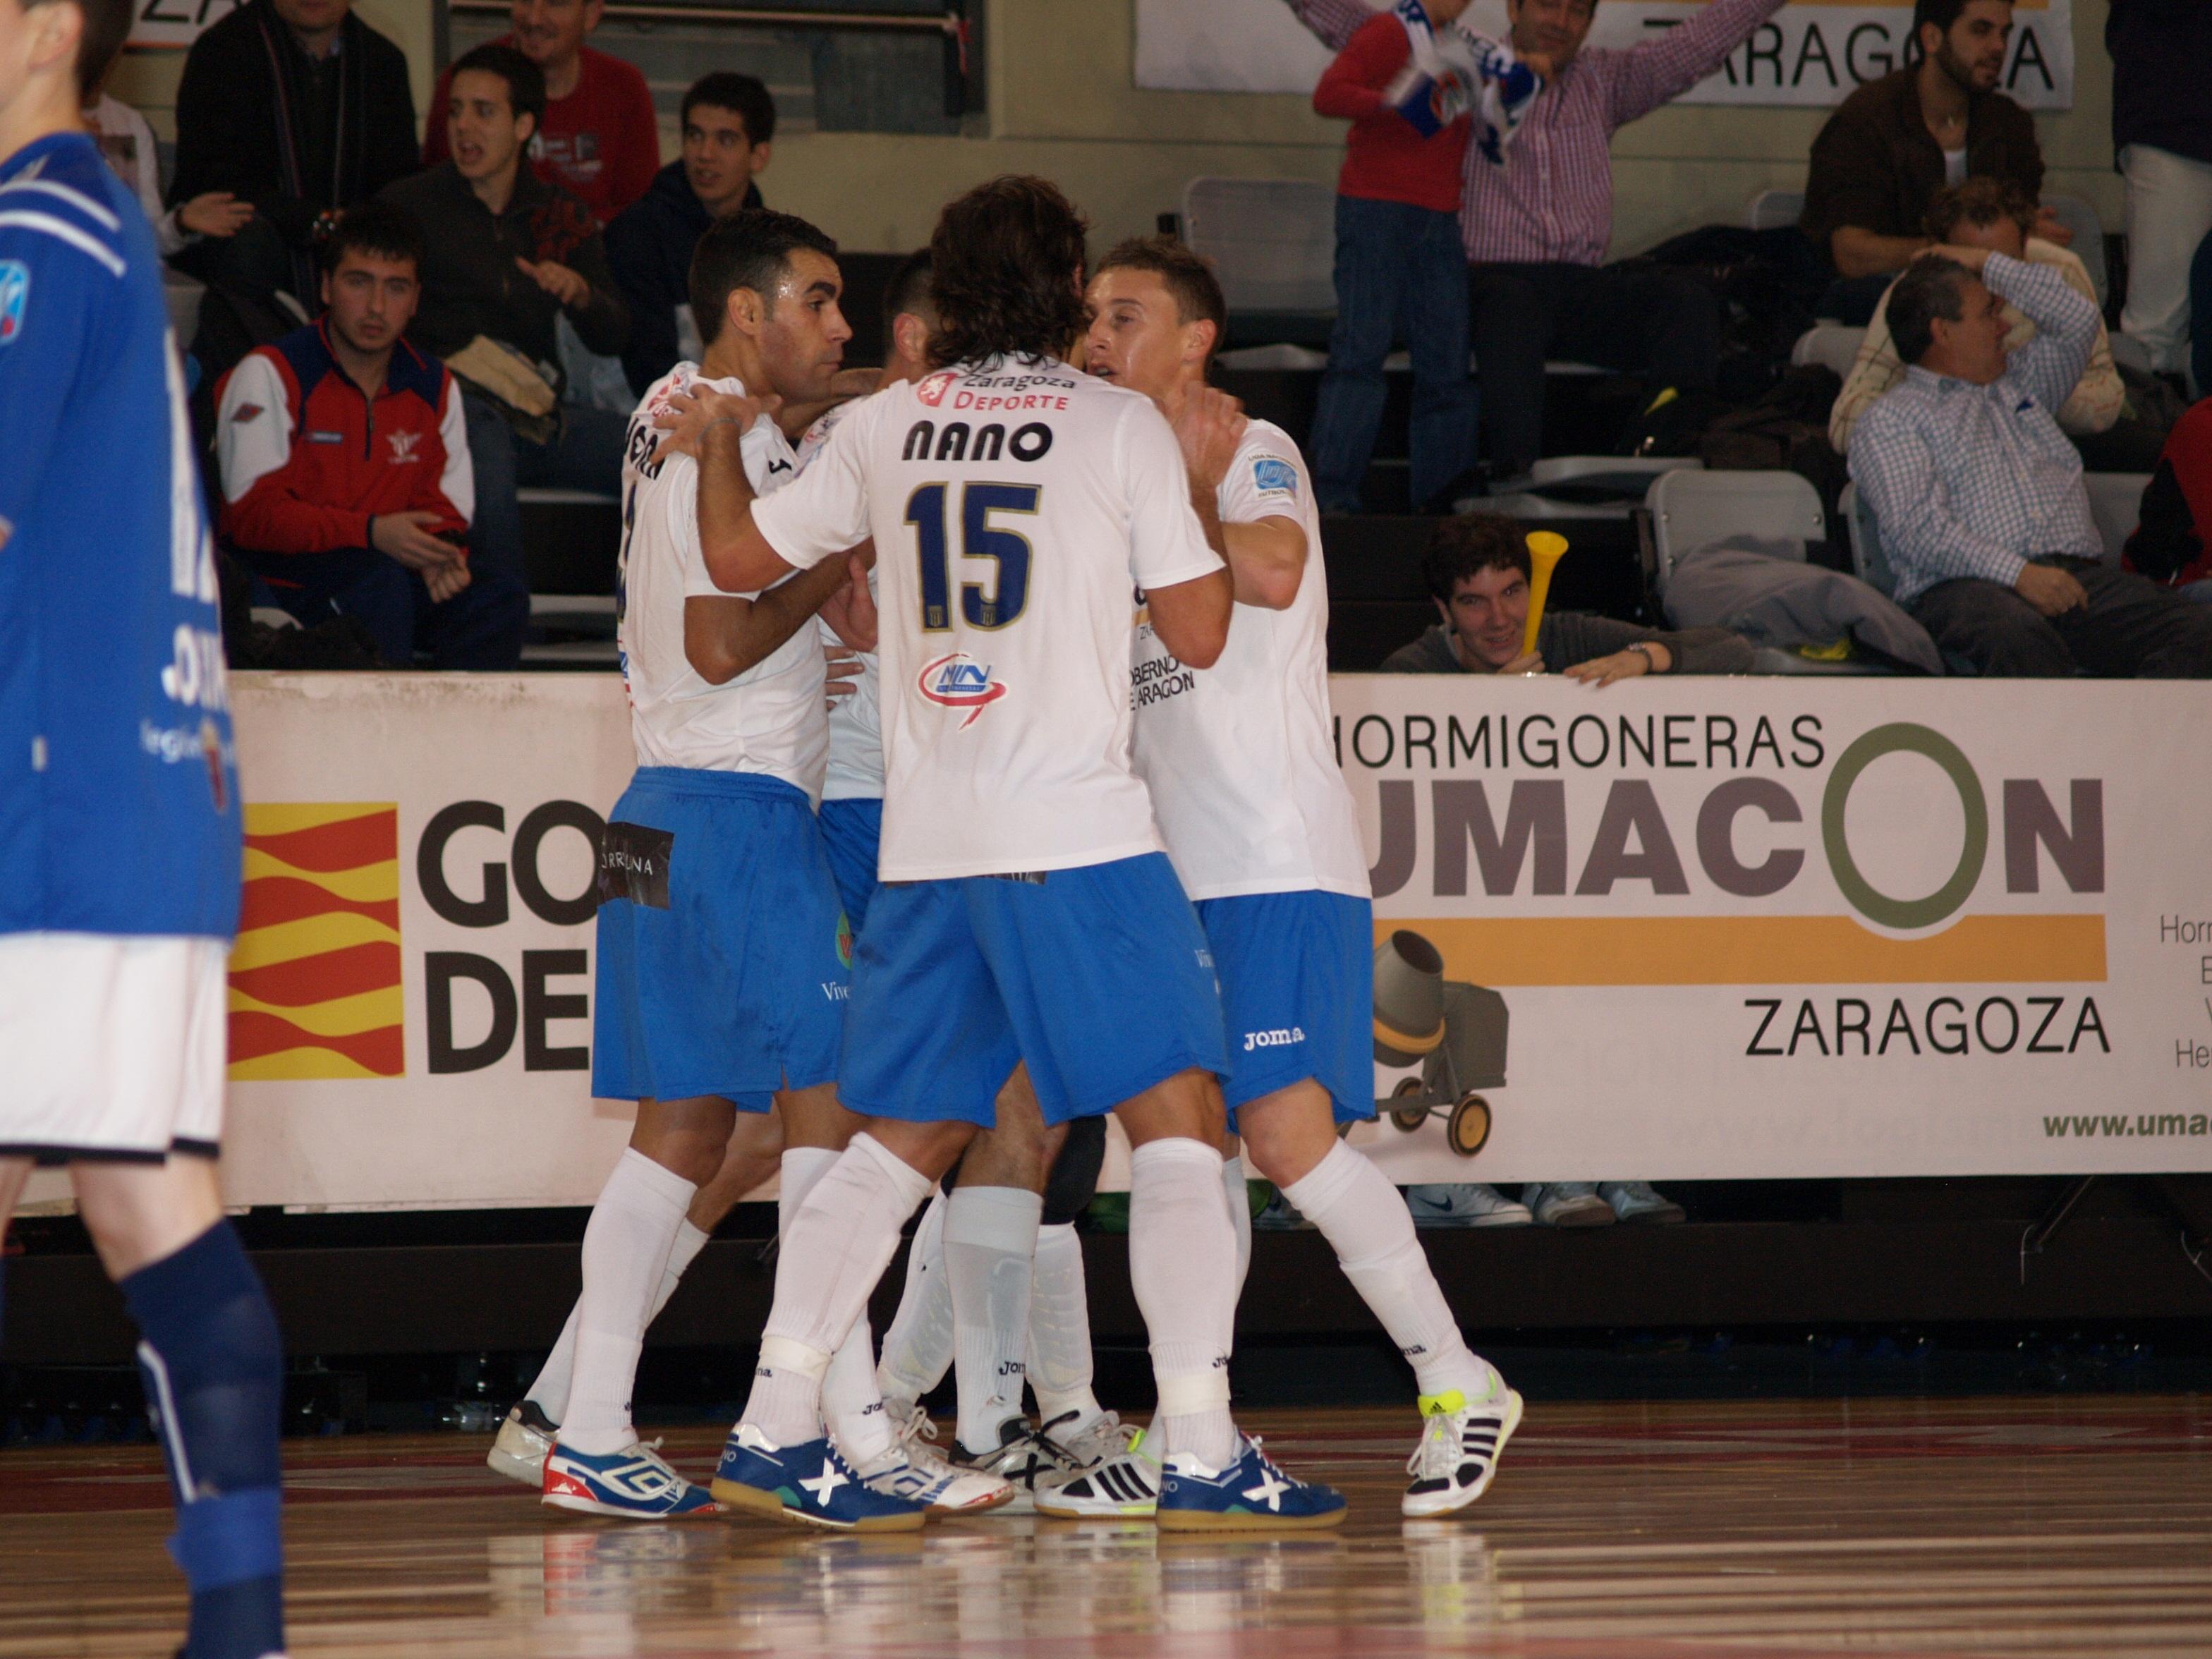 Hormigoneras Umacon Zaragoza 8-4 Reale Cartagena